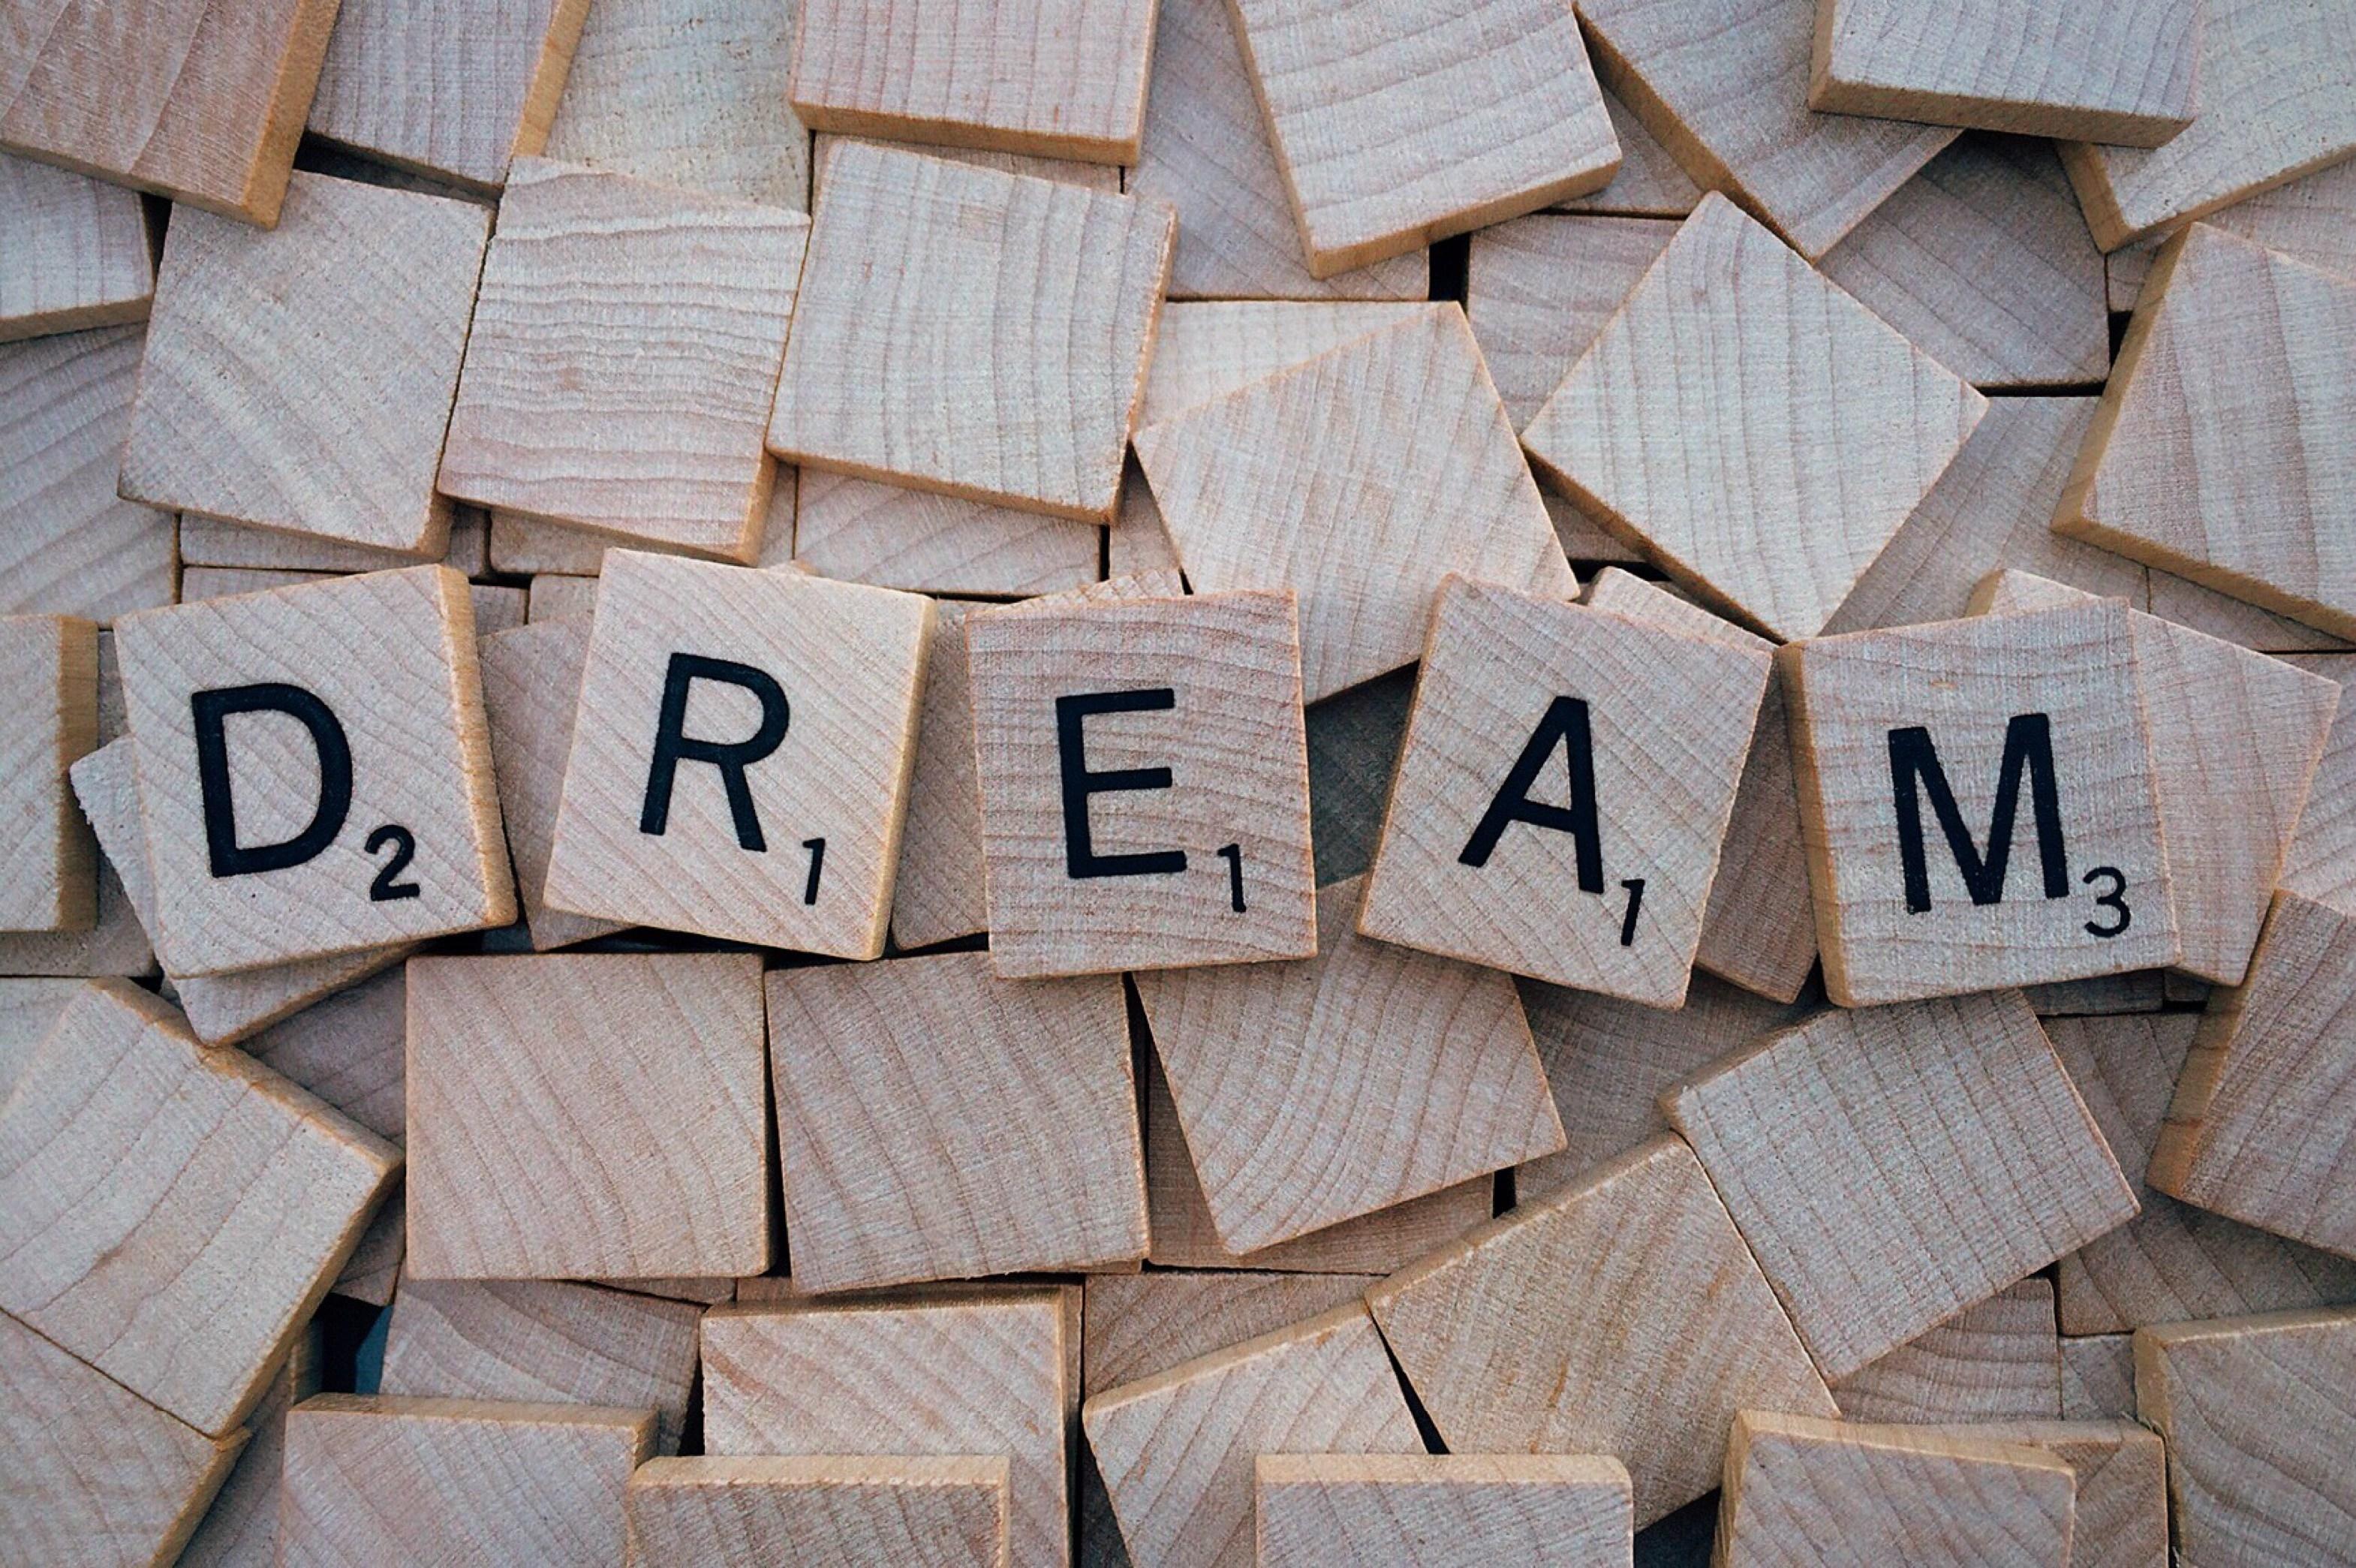 Tiles that spell DREAM